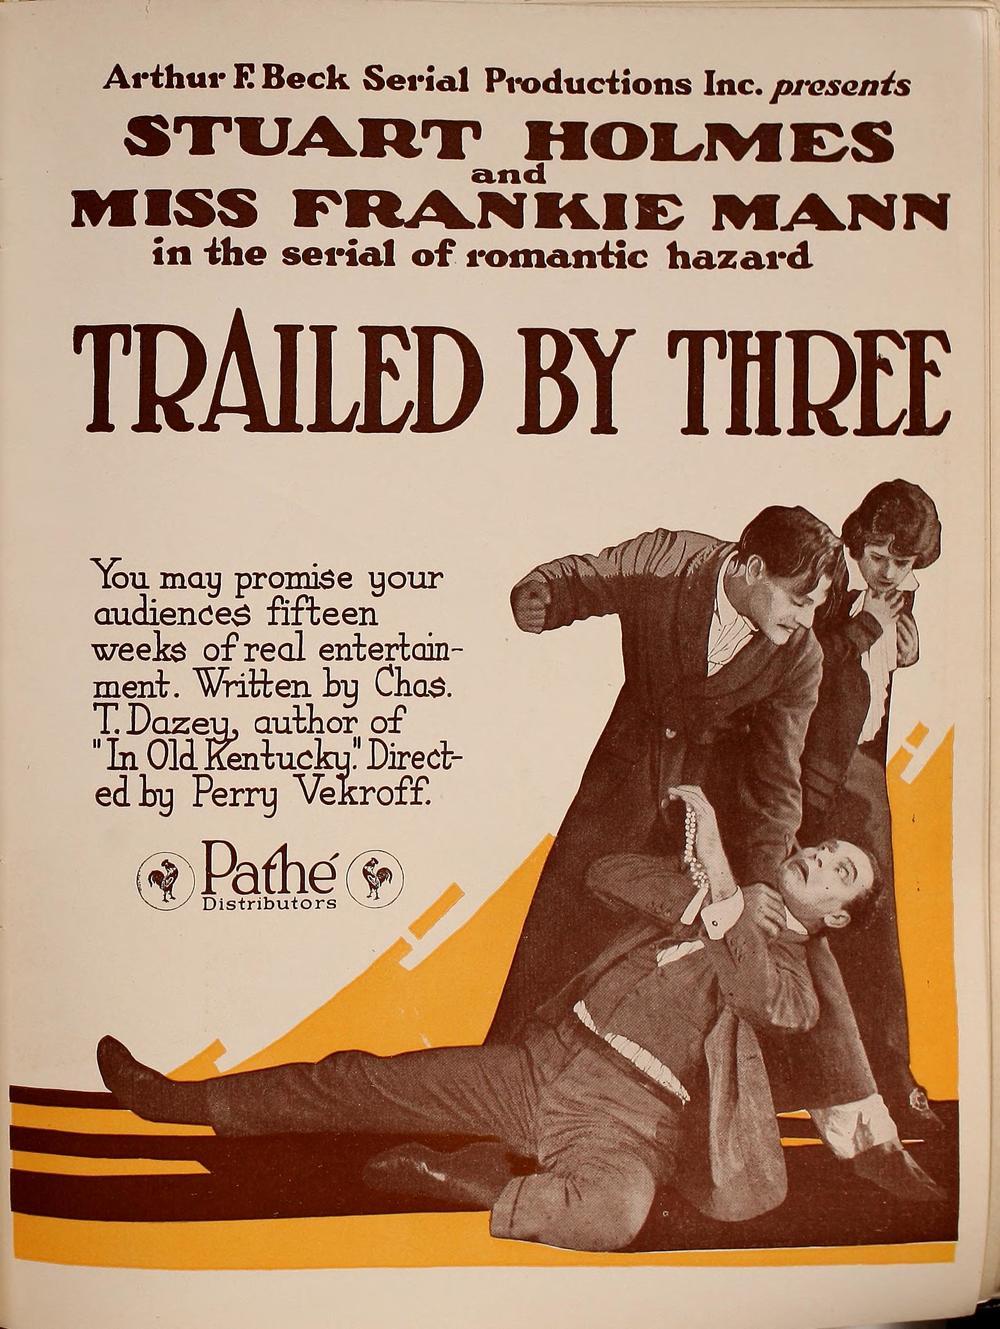 Frankie Mann - Trailed by Three 1920.jpg